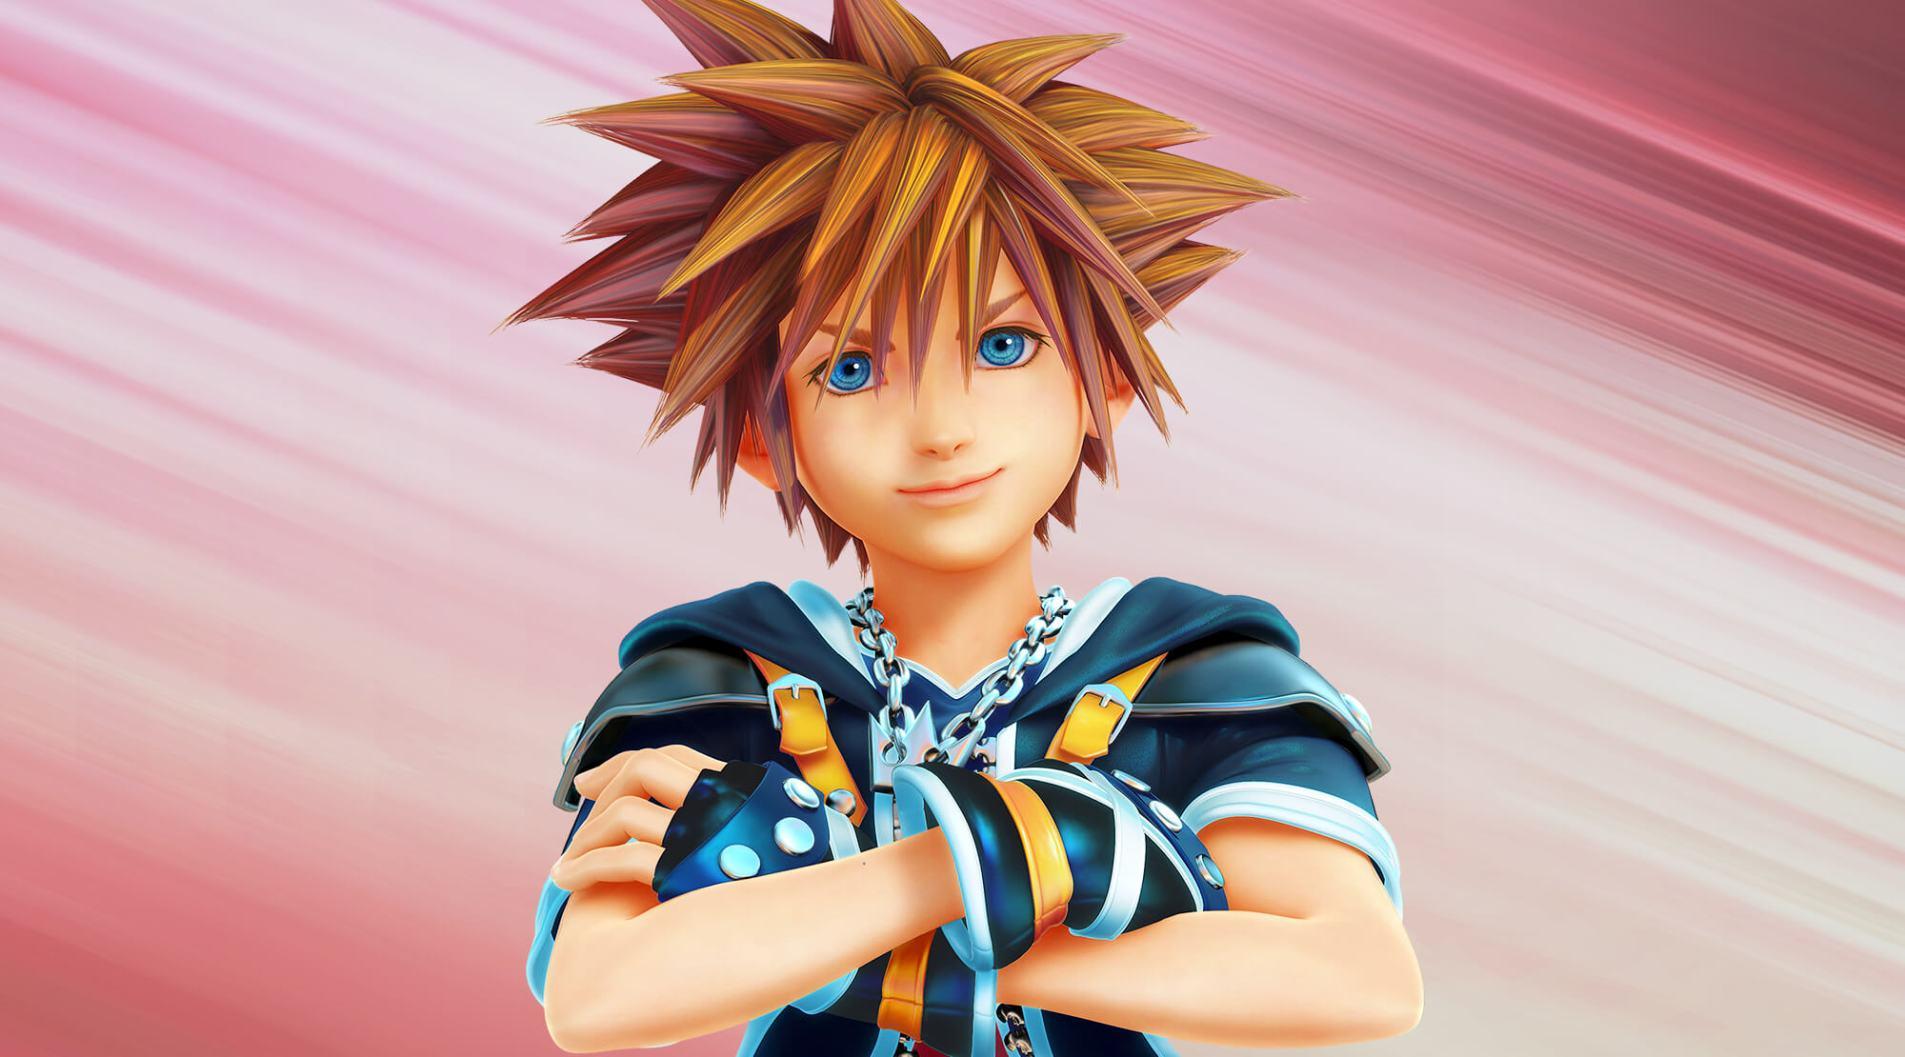 Sora_Kingdom_Hearts_III